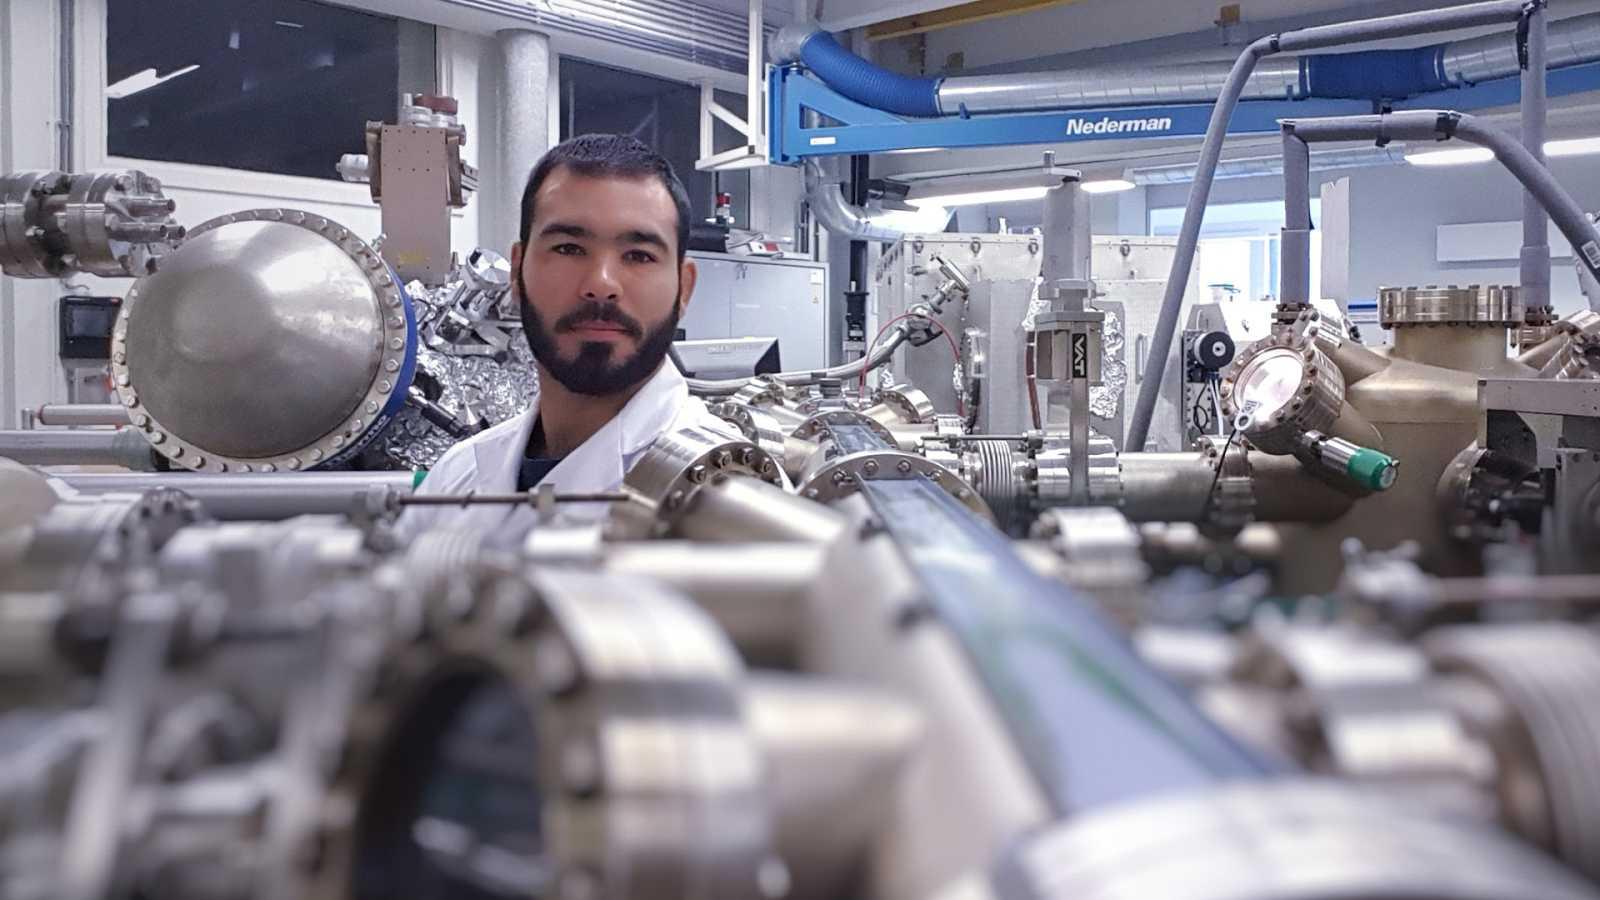 Punto de enlace - Daniel Pérez al servicio de la computación cuántica - 17/11/20 - escuchar ahora